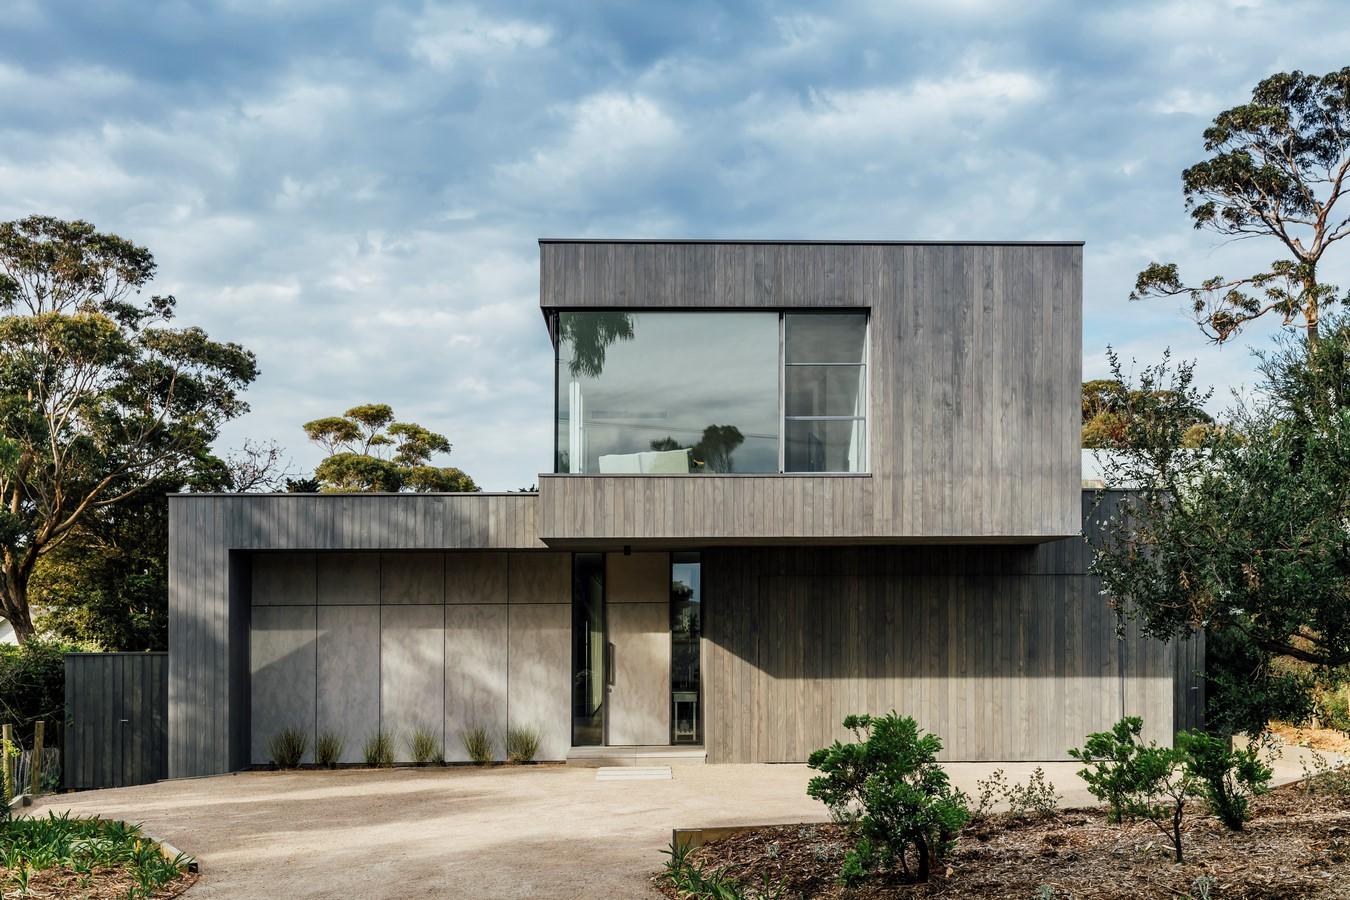 Portsea Beach House by Mitsuori Architects - Sheet1